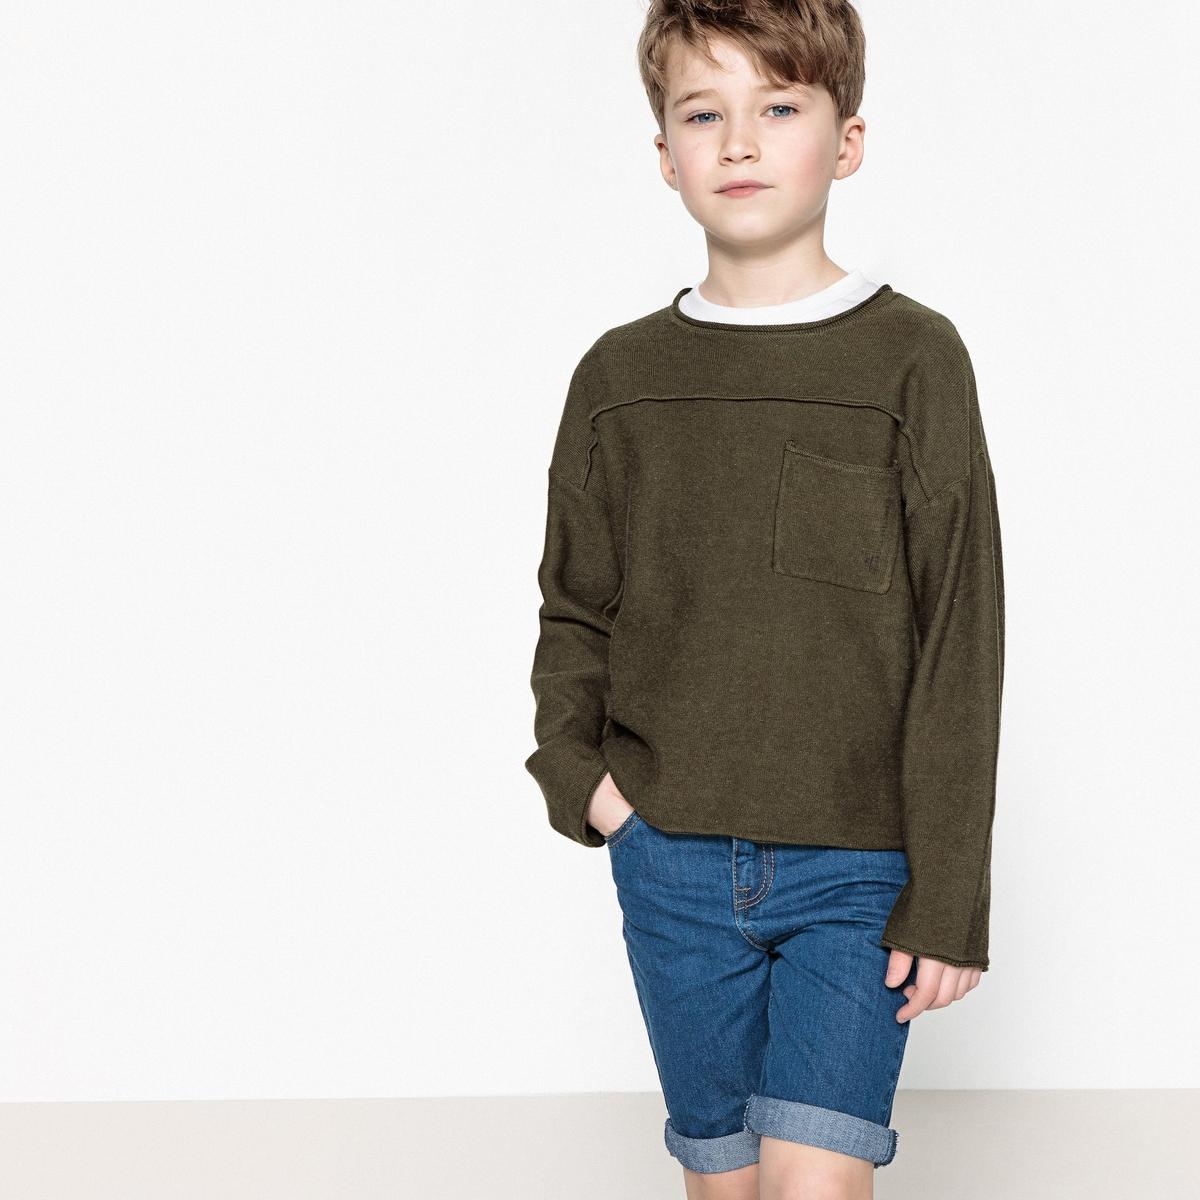 Пуловер La Redoute Свободный 10 лет - 138 см зеленый наматрасник la redoute тонкий толщина см nizami 180 x 200 см синий